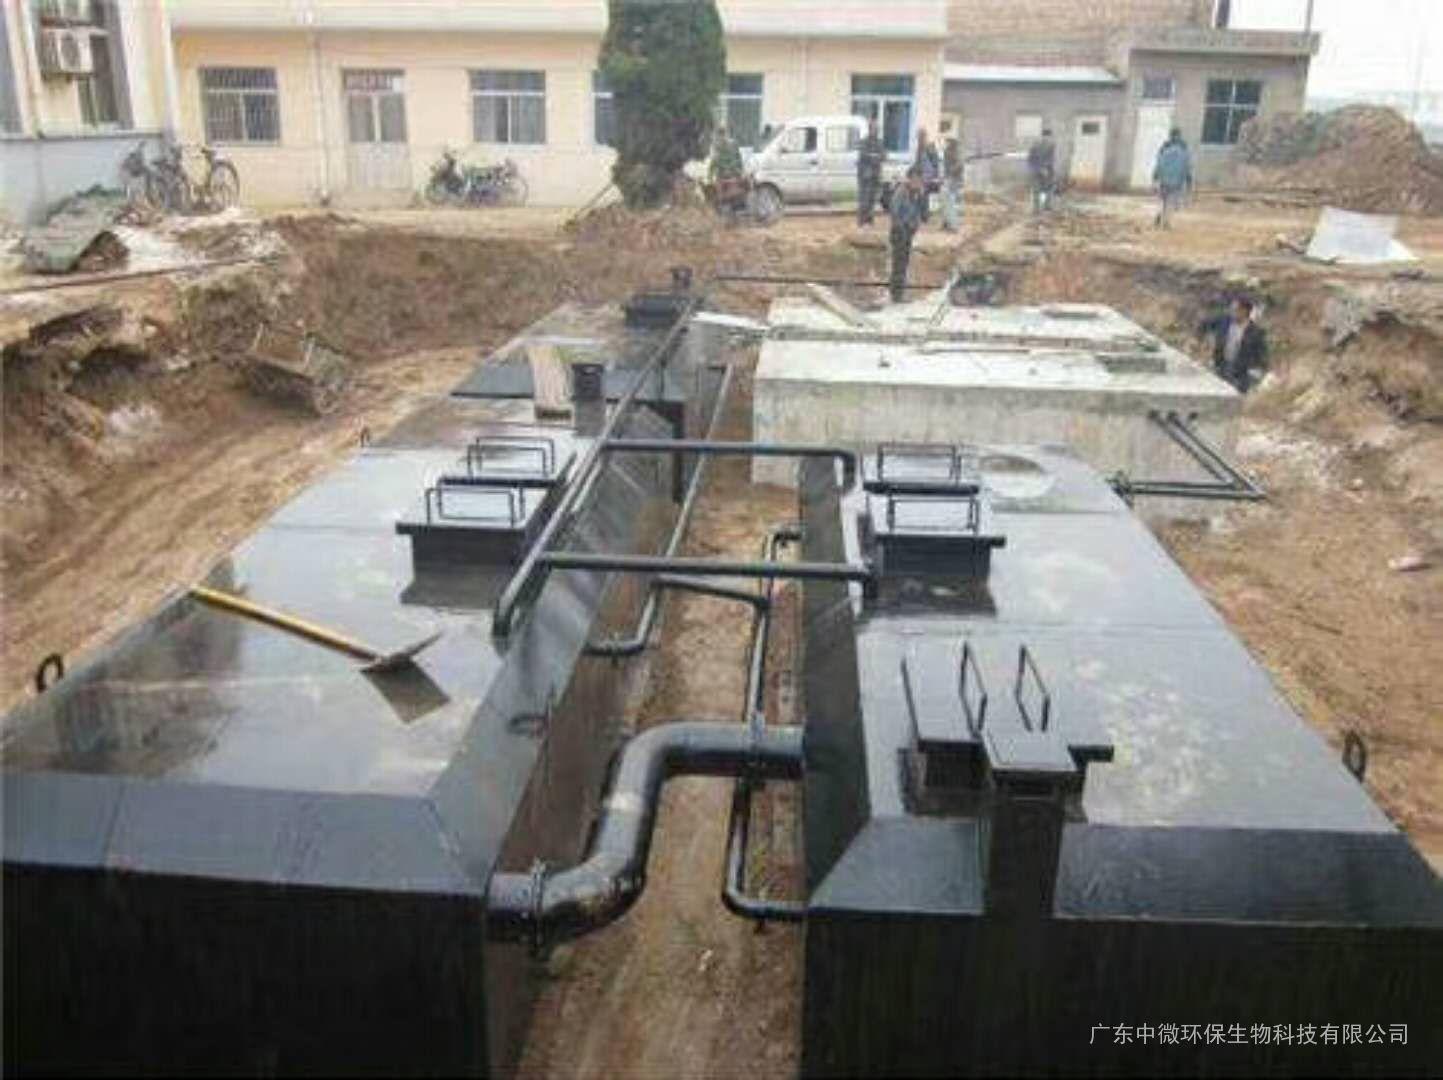 [城市、农村、城镇污水]生活污水处理一体化设备